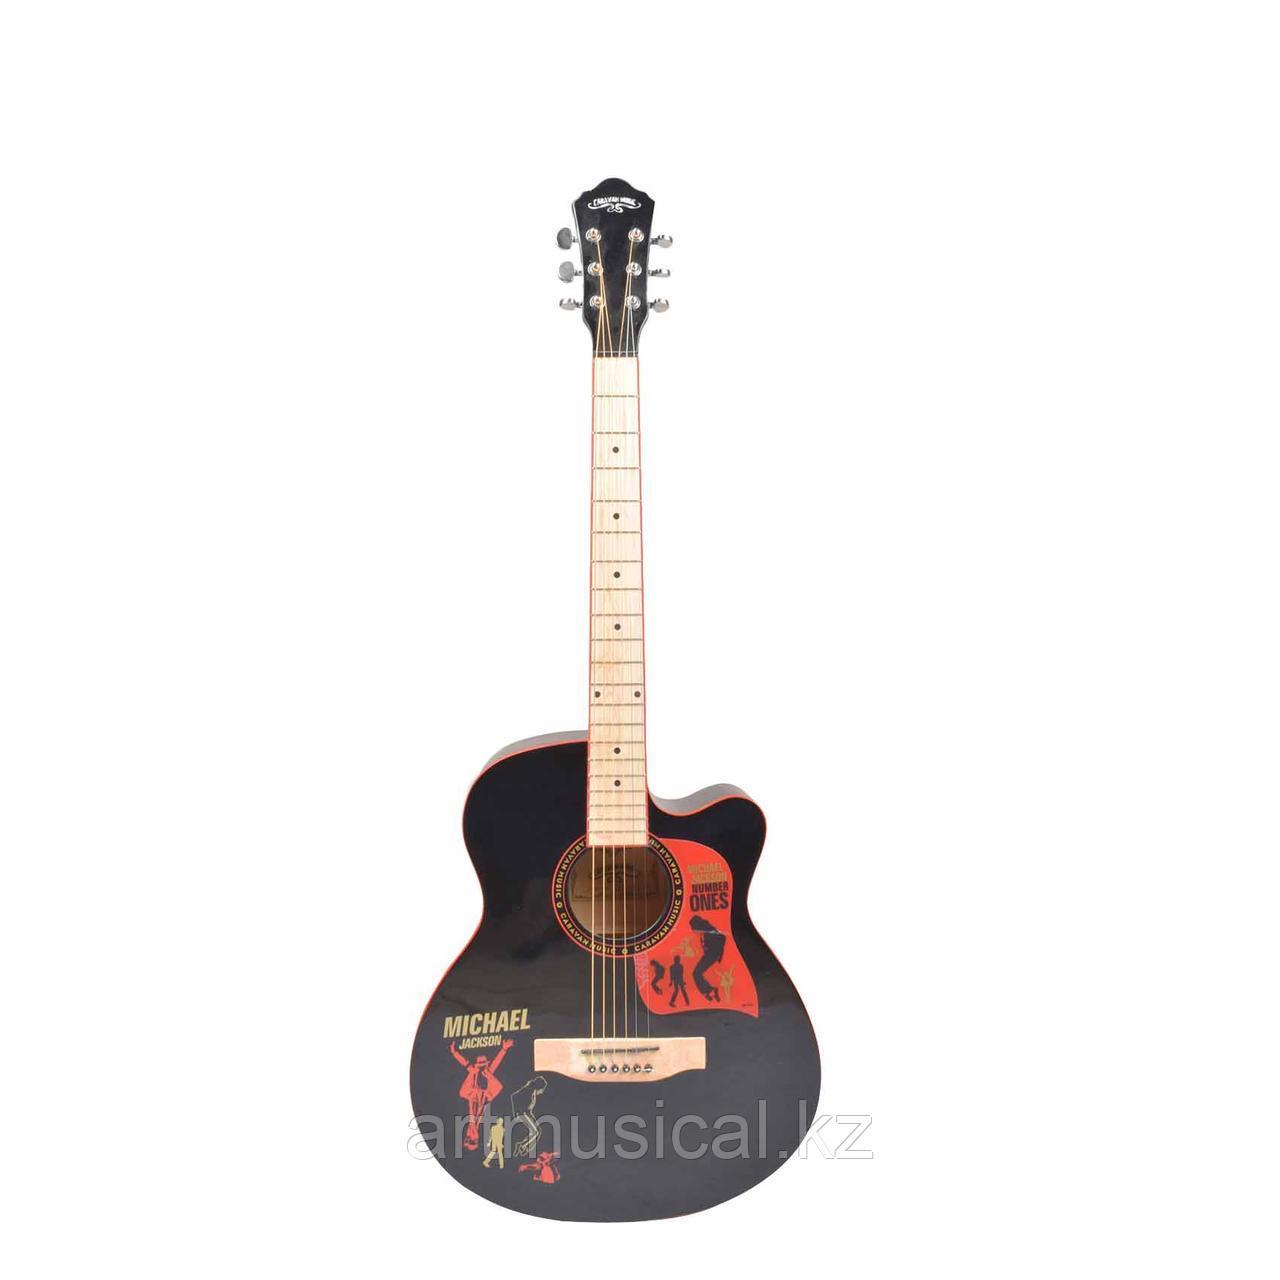 Акустическая гитара Caravan Music HS-4015BK